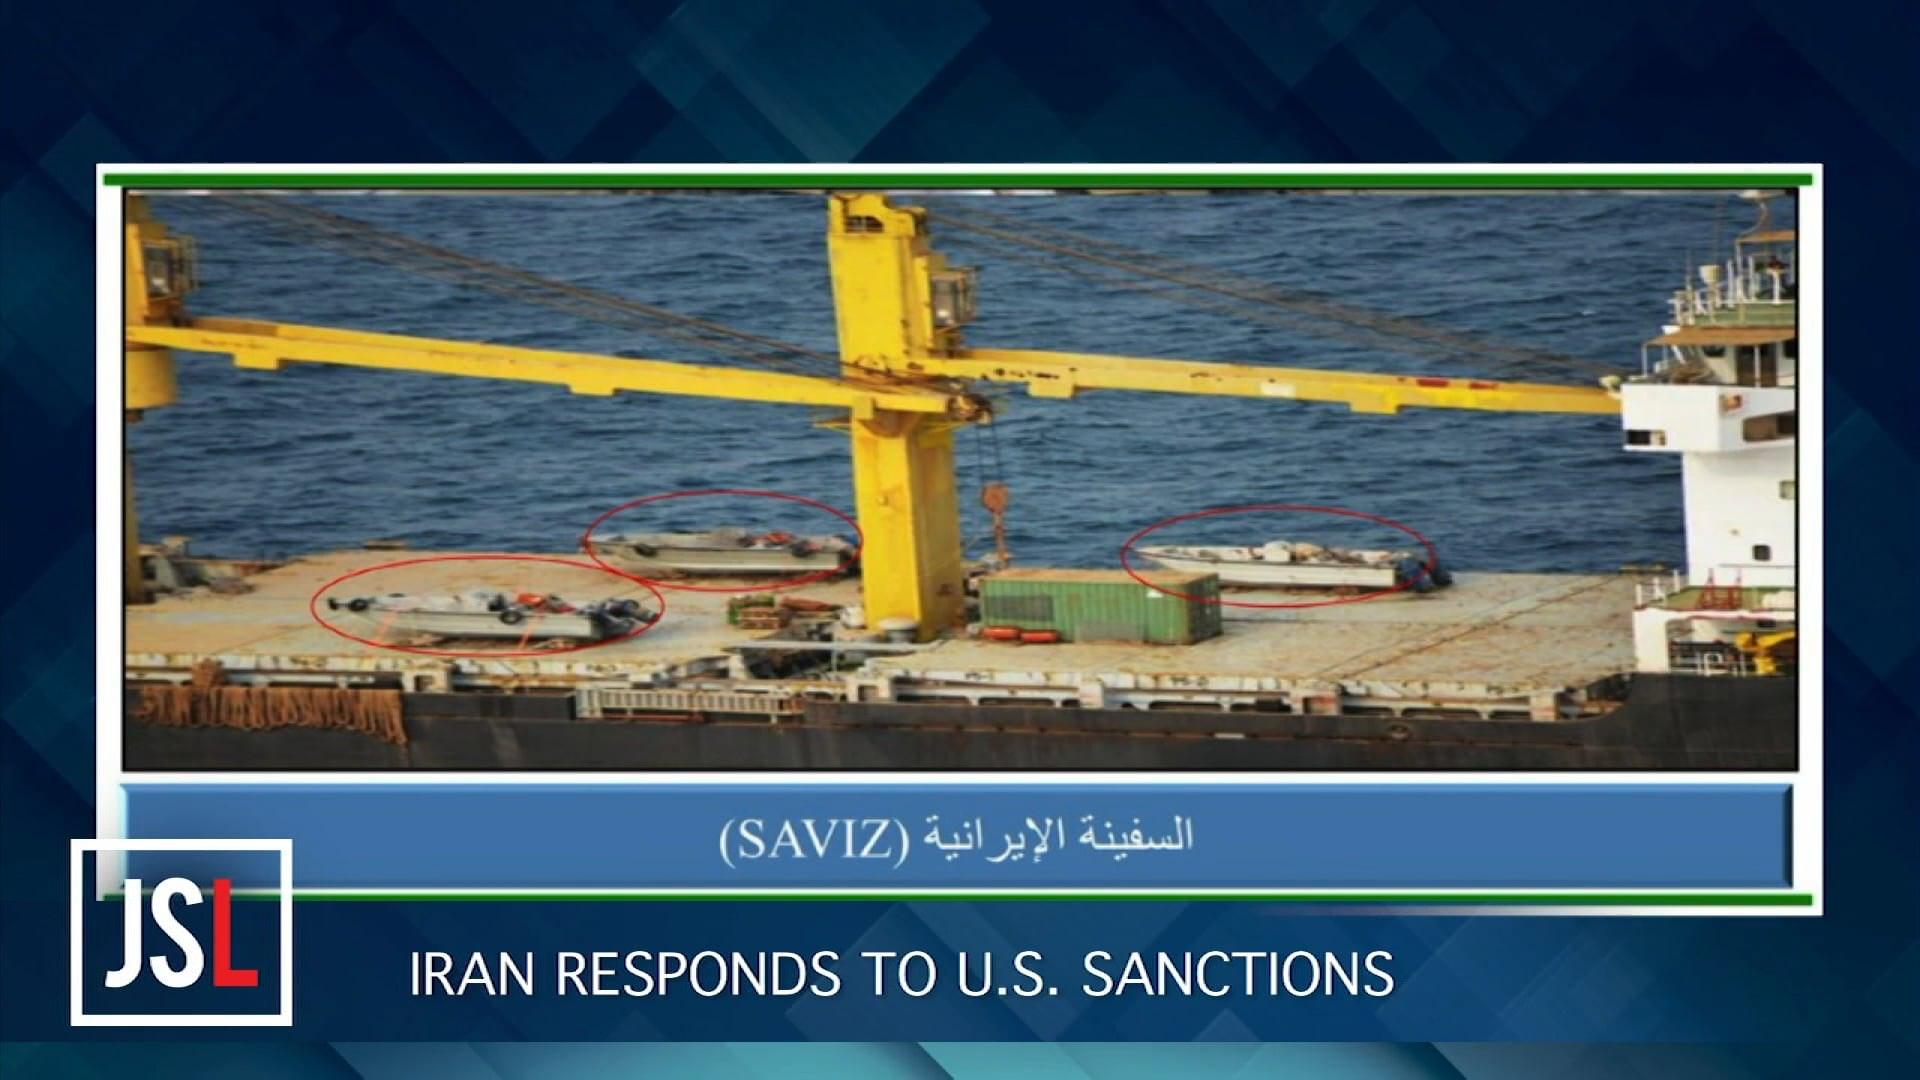 Watch Iran Responds to U.S. Sanctions Part 2